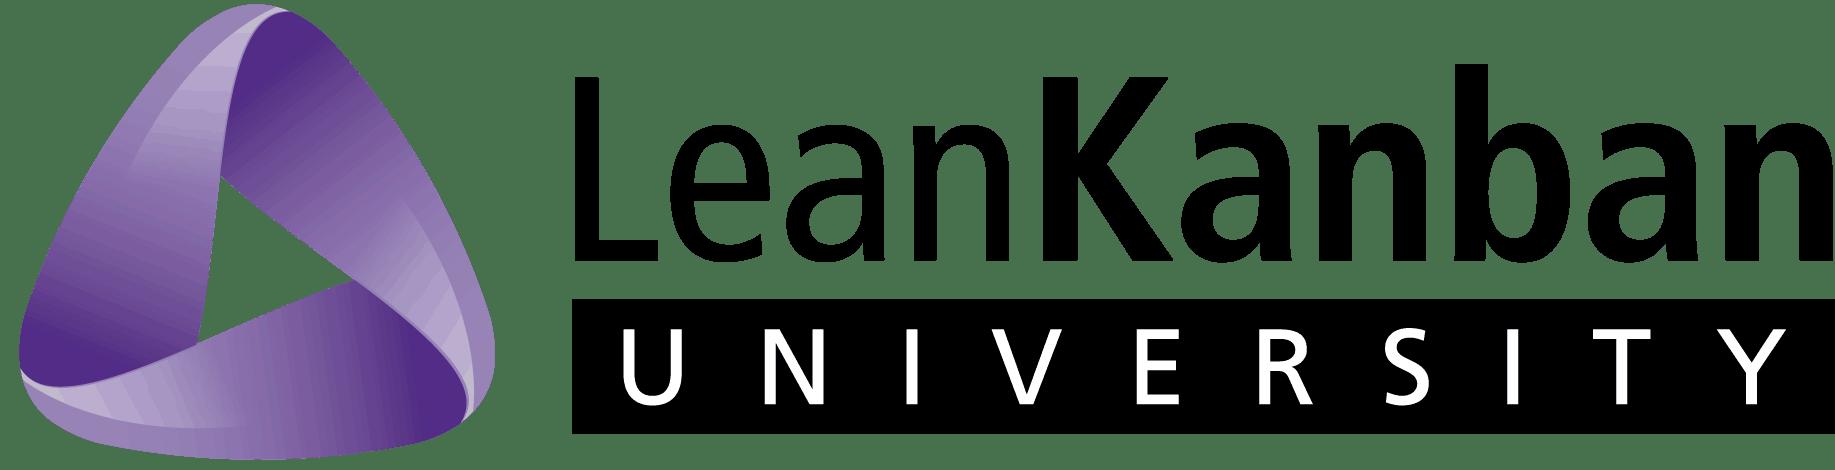 Lean Kanban University logo large